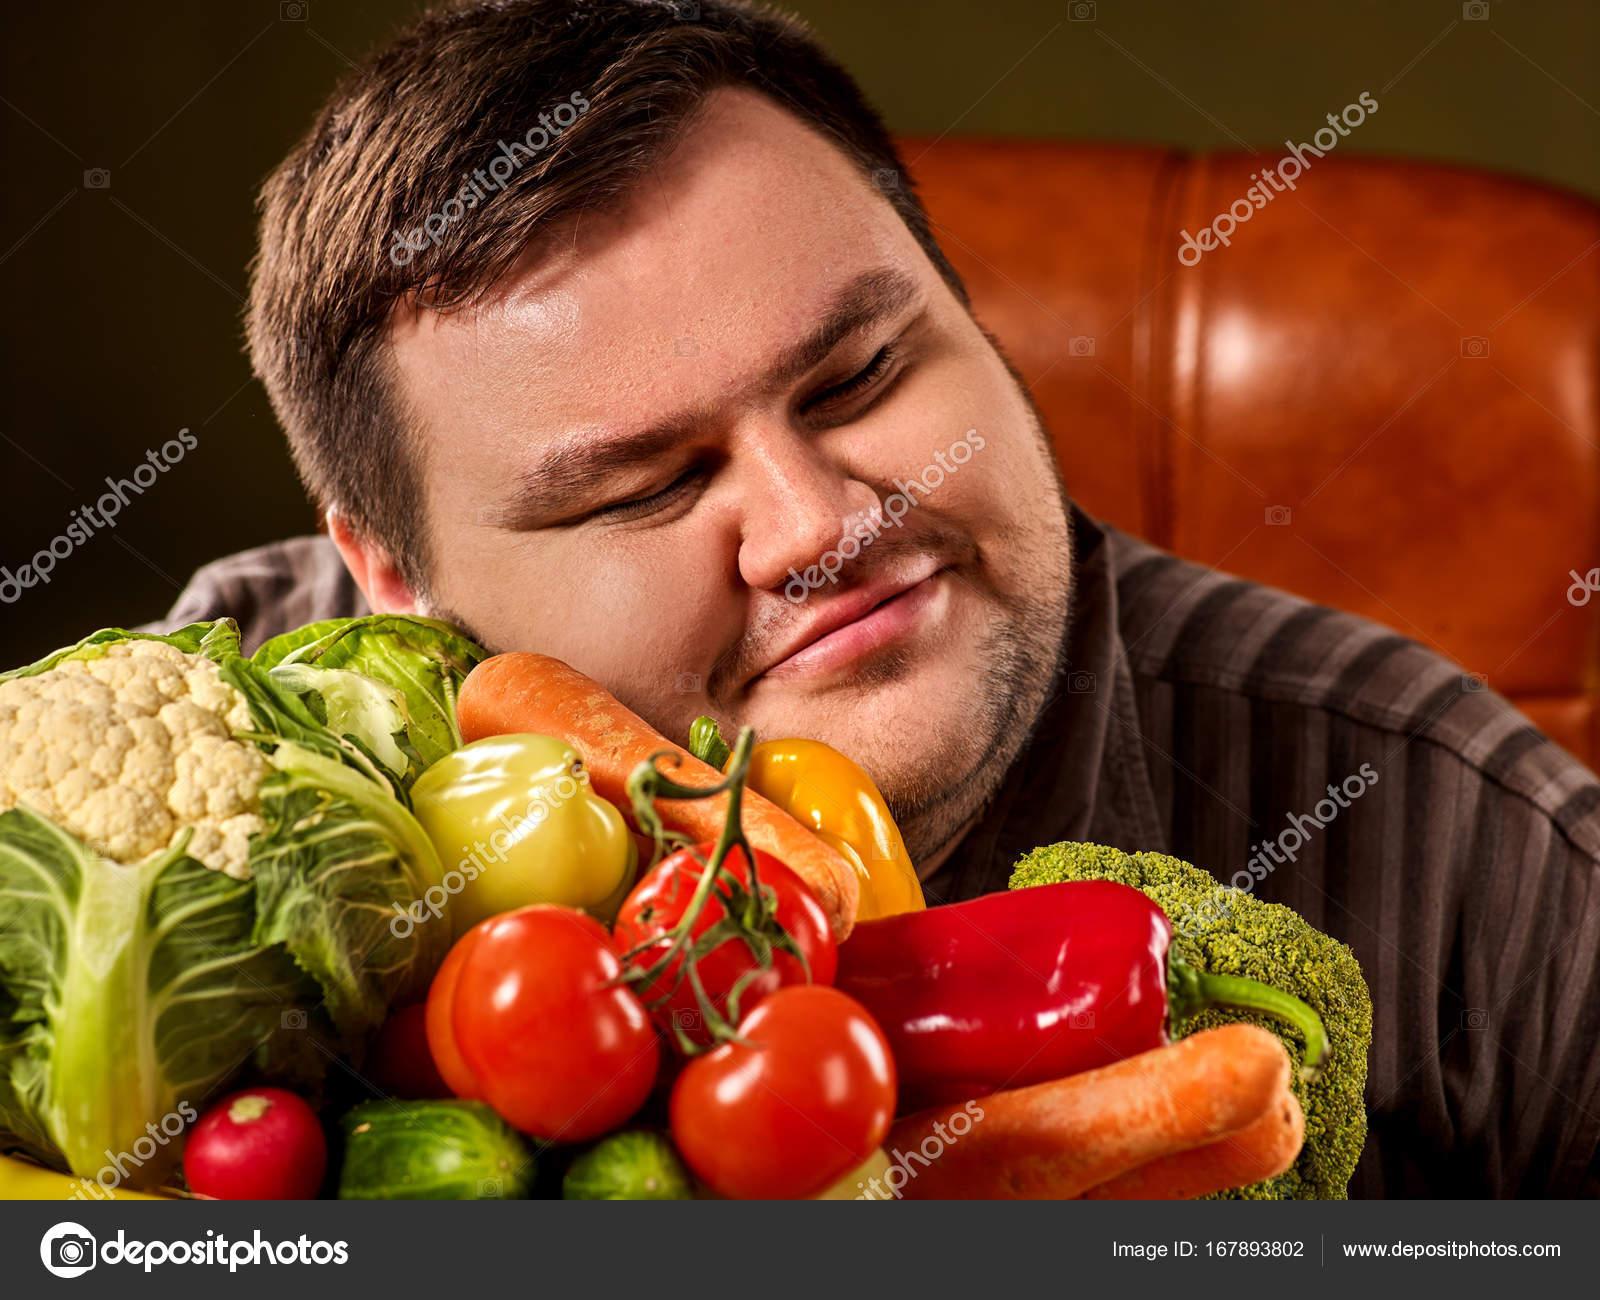 Diete Per Perdere Peso Uomo : Dieta del lunedì e del martedì per dimagrire chili ma